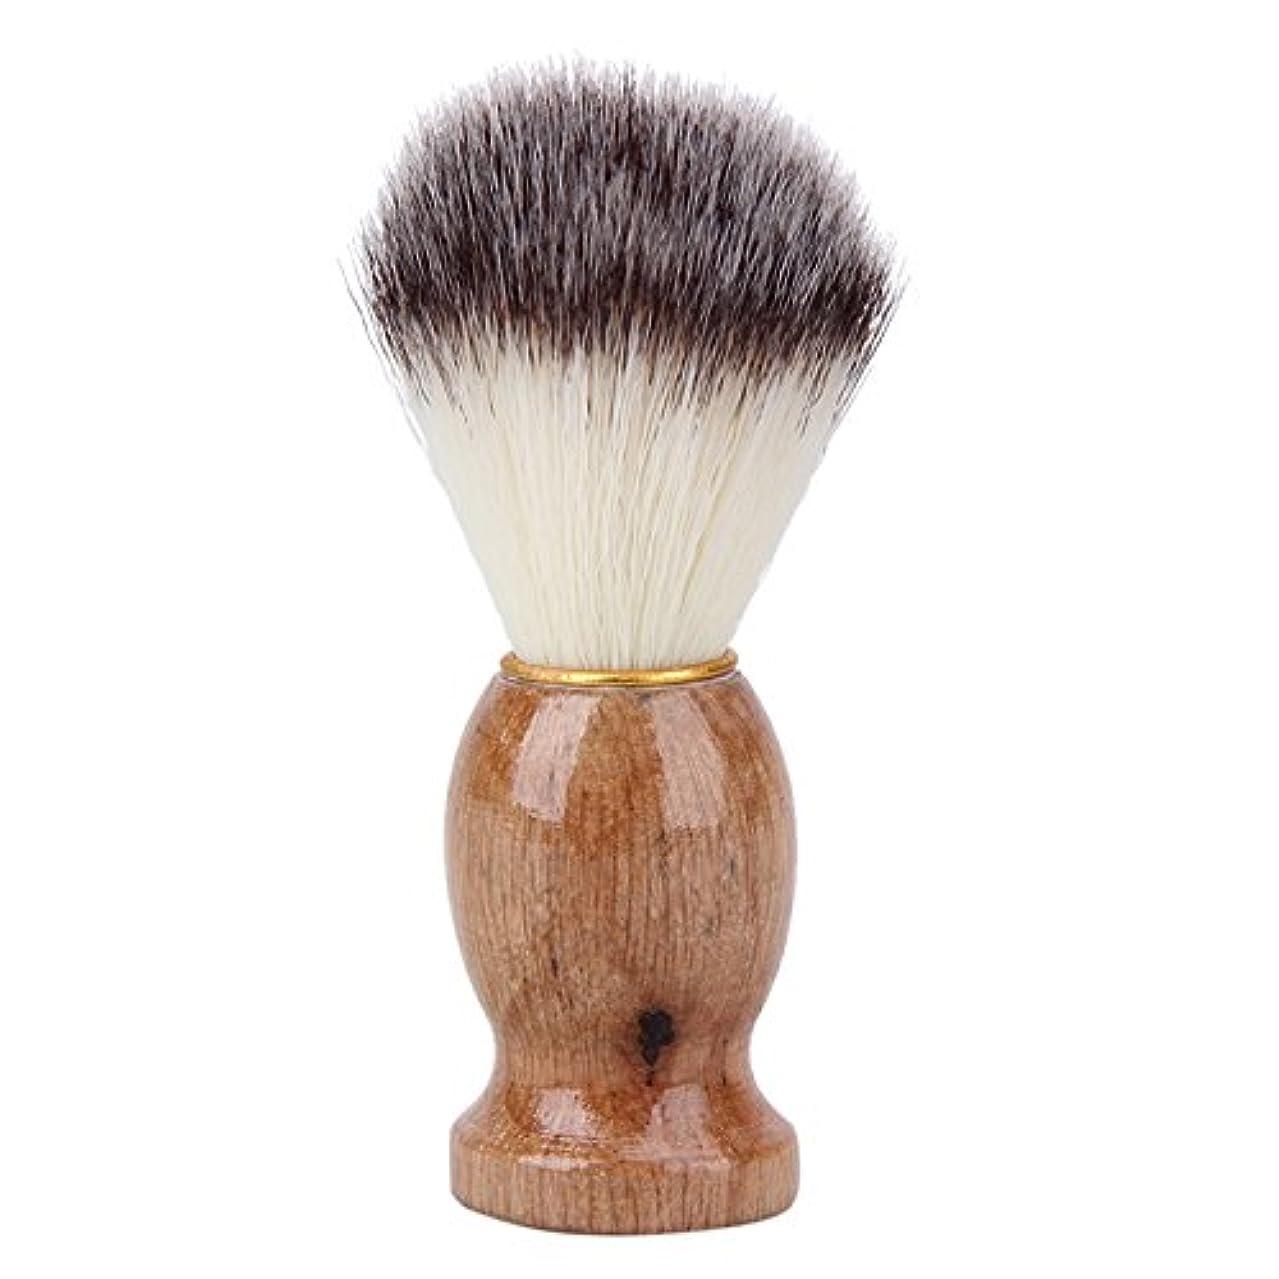 各味付け検証wangten メンズ用 髭剃り ブラシ シェービング ブラシ アナグマ毛 木製ハンドル 泡立ち 理容 洗顔 髭剃り